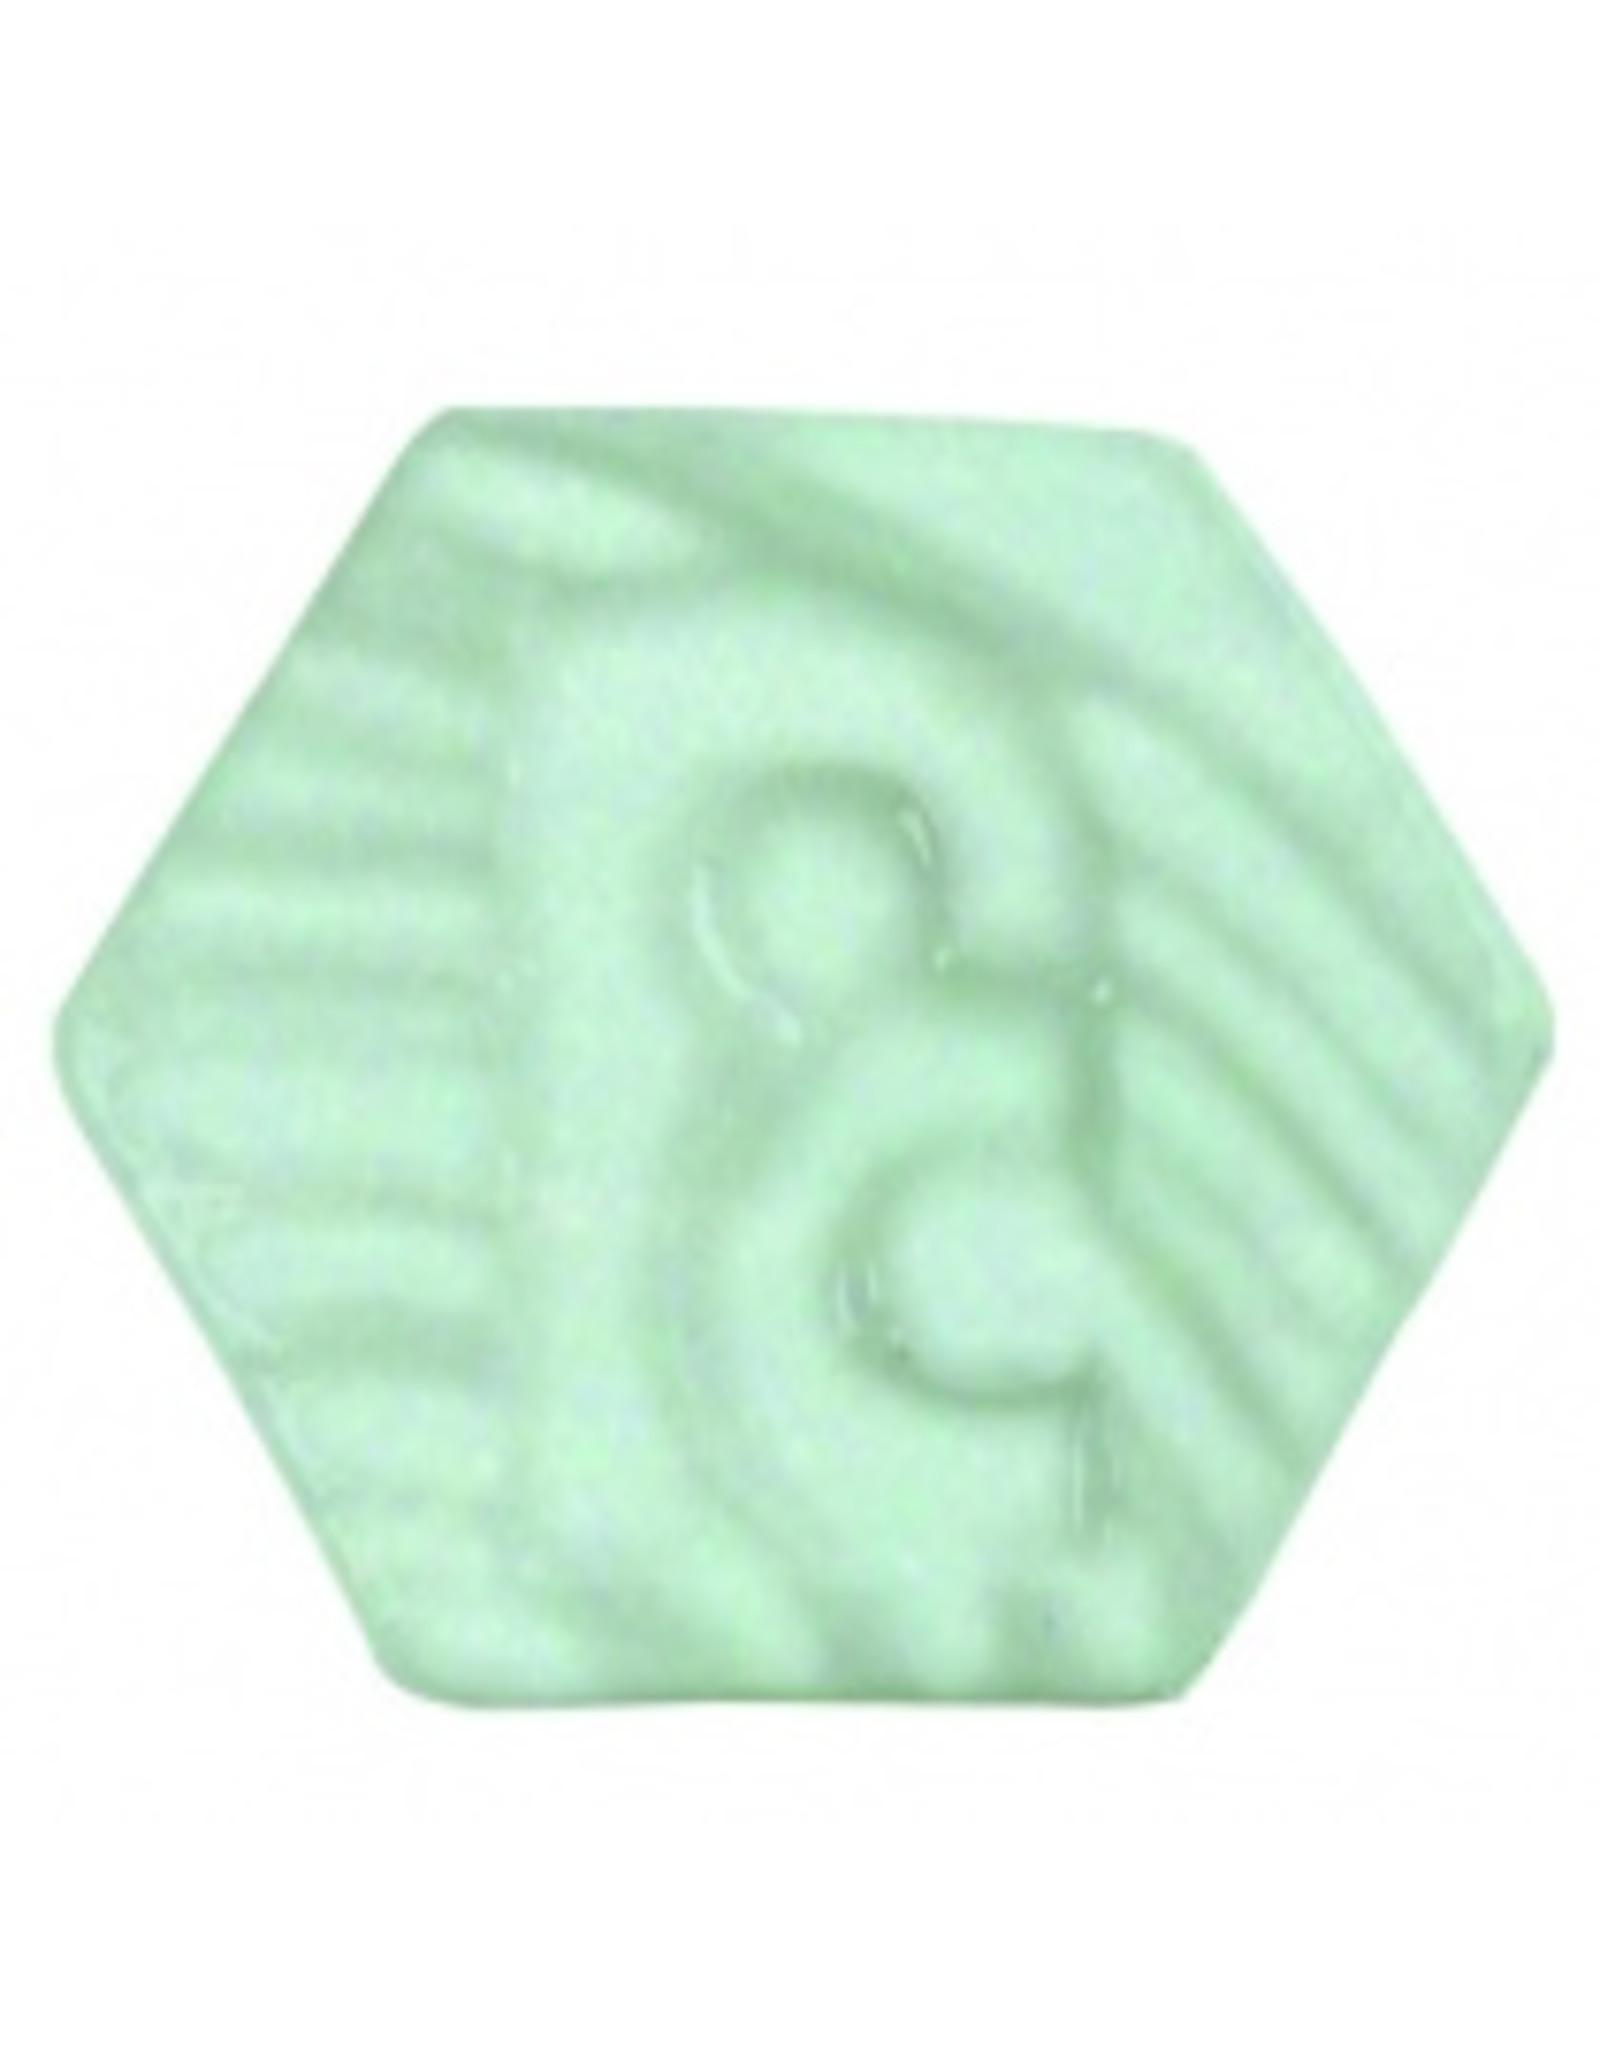 Potterycrafts White On-Glaze - 15ml